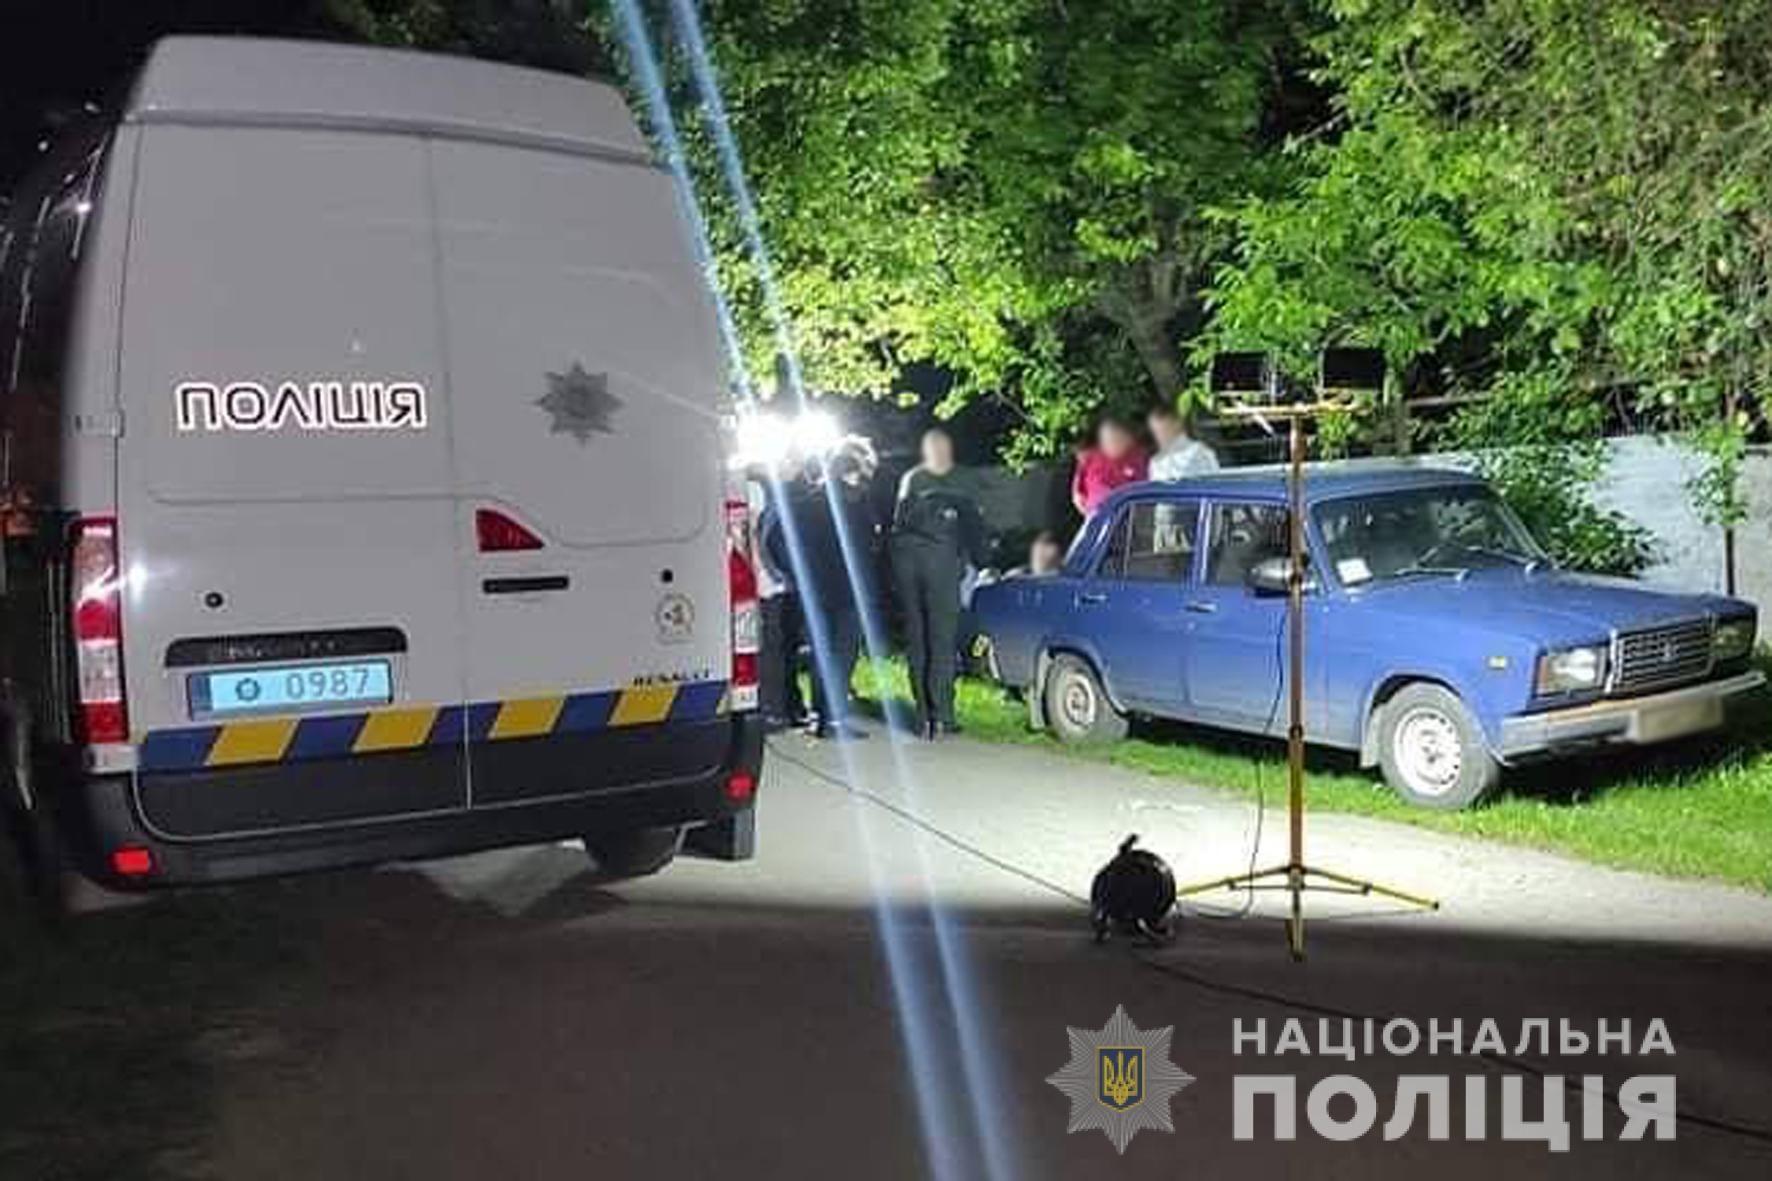 У Тальному знайшли тіло чоловіка в багажнику автомобіля